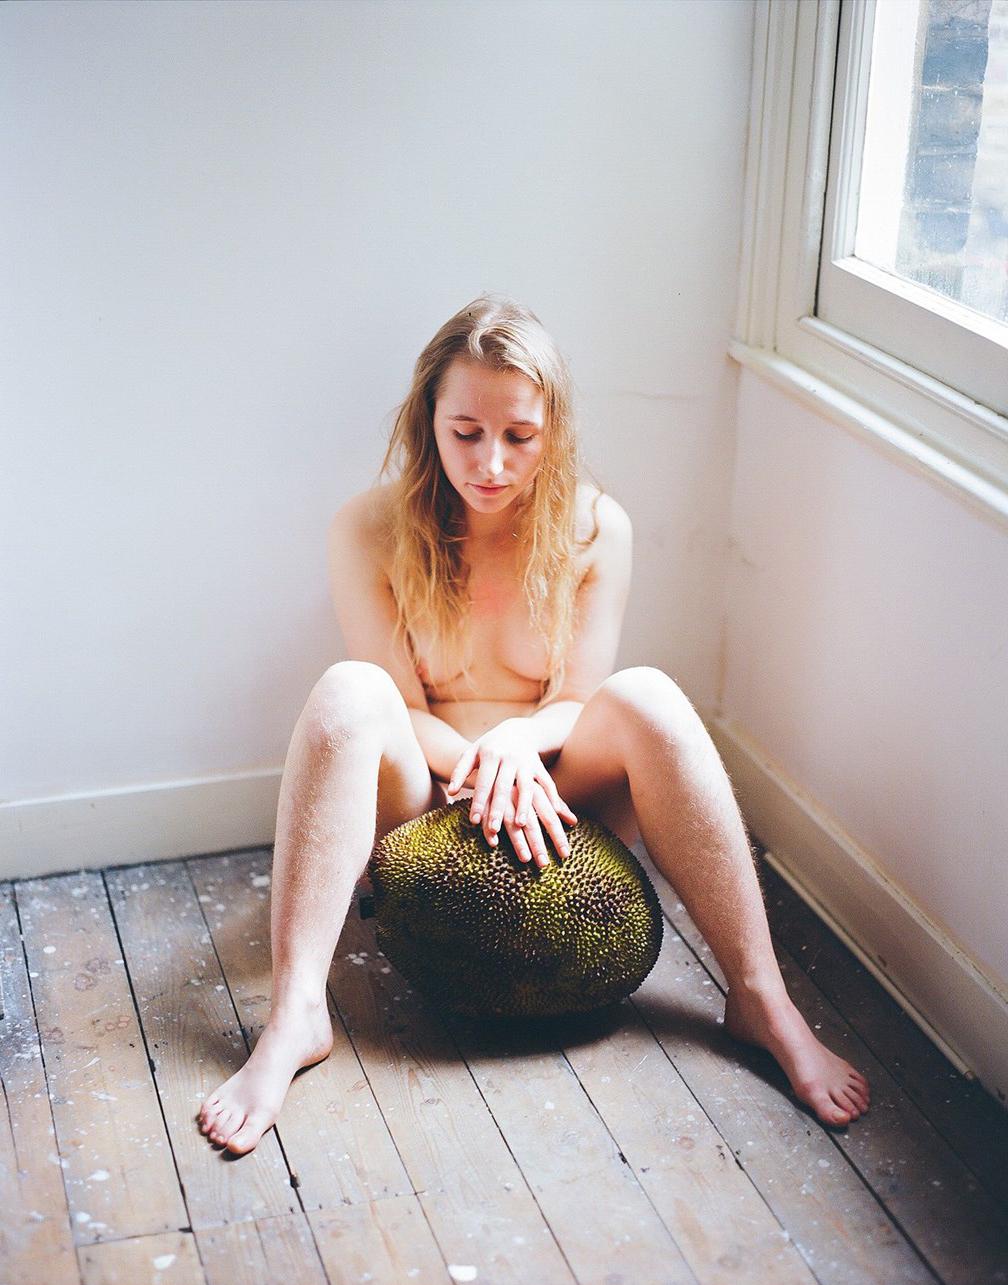 通過水果不加修飾的型態 裸體傳達女性不除體毛的野性自然美5